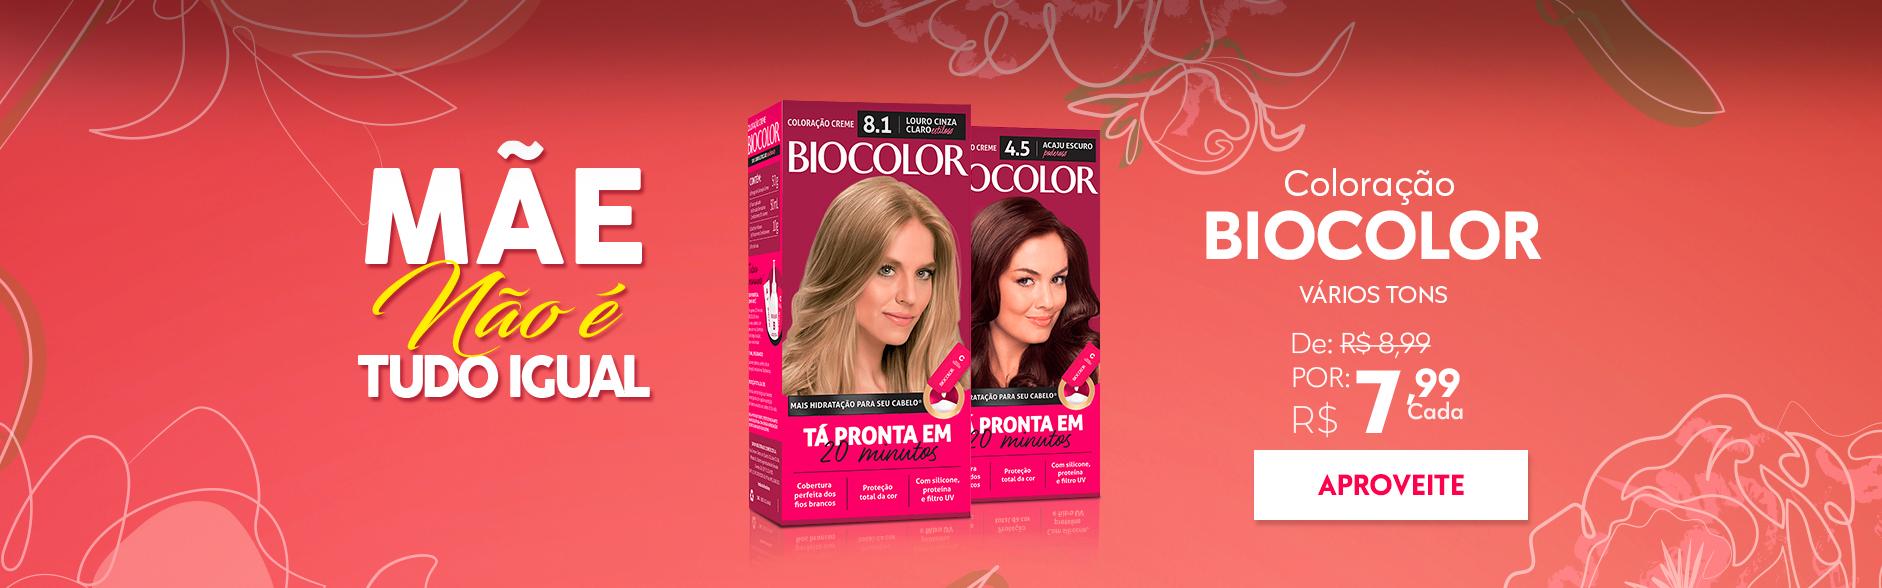 Biocolor